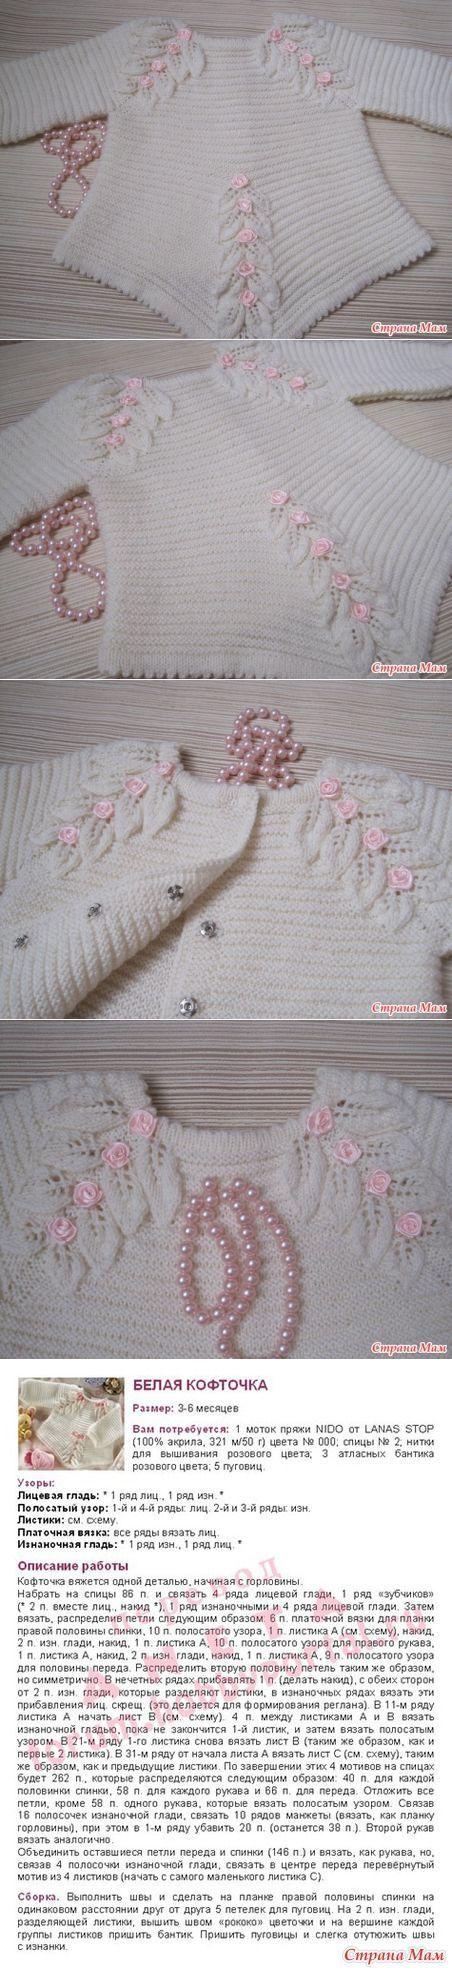 'Нежность роз', жакетик для новорожденной - Вязание - Страна Мам